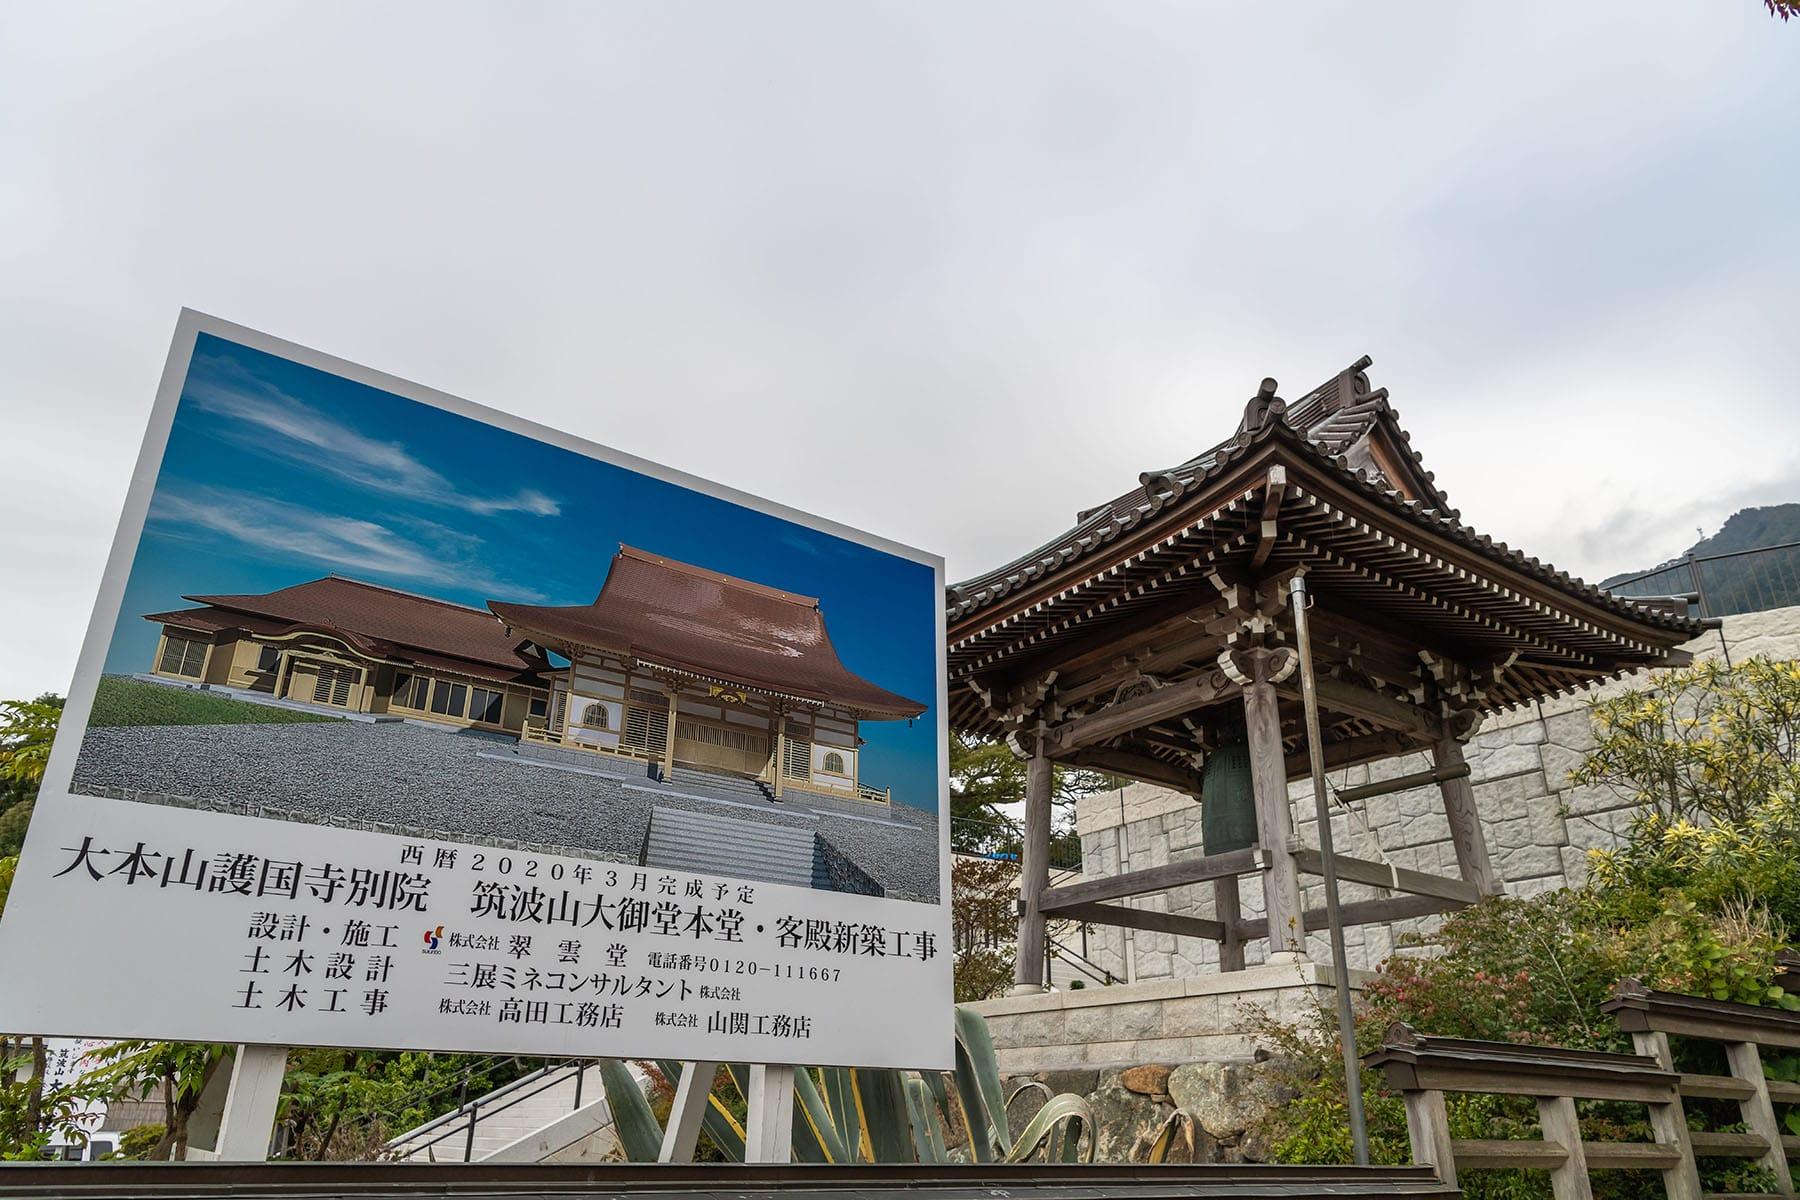 坂東札所 第25番 【筑波山・大御堂】